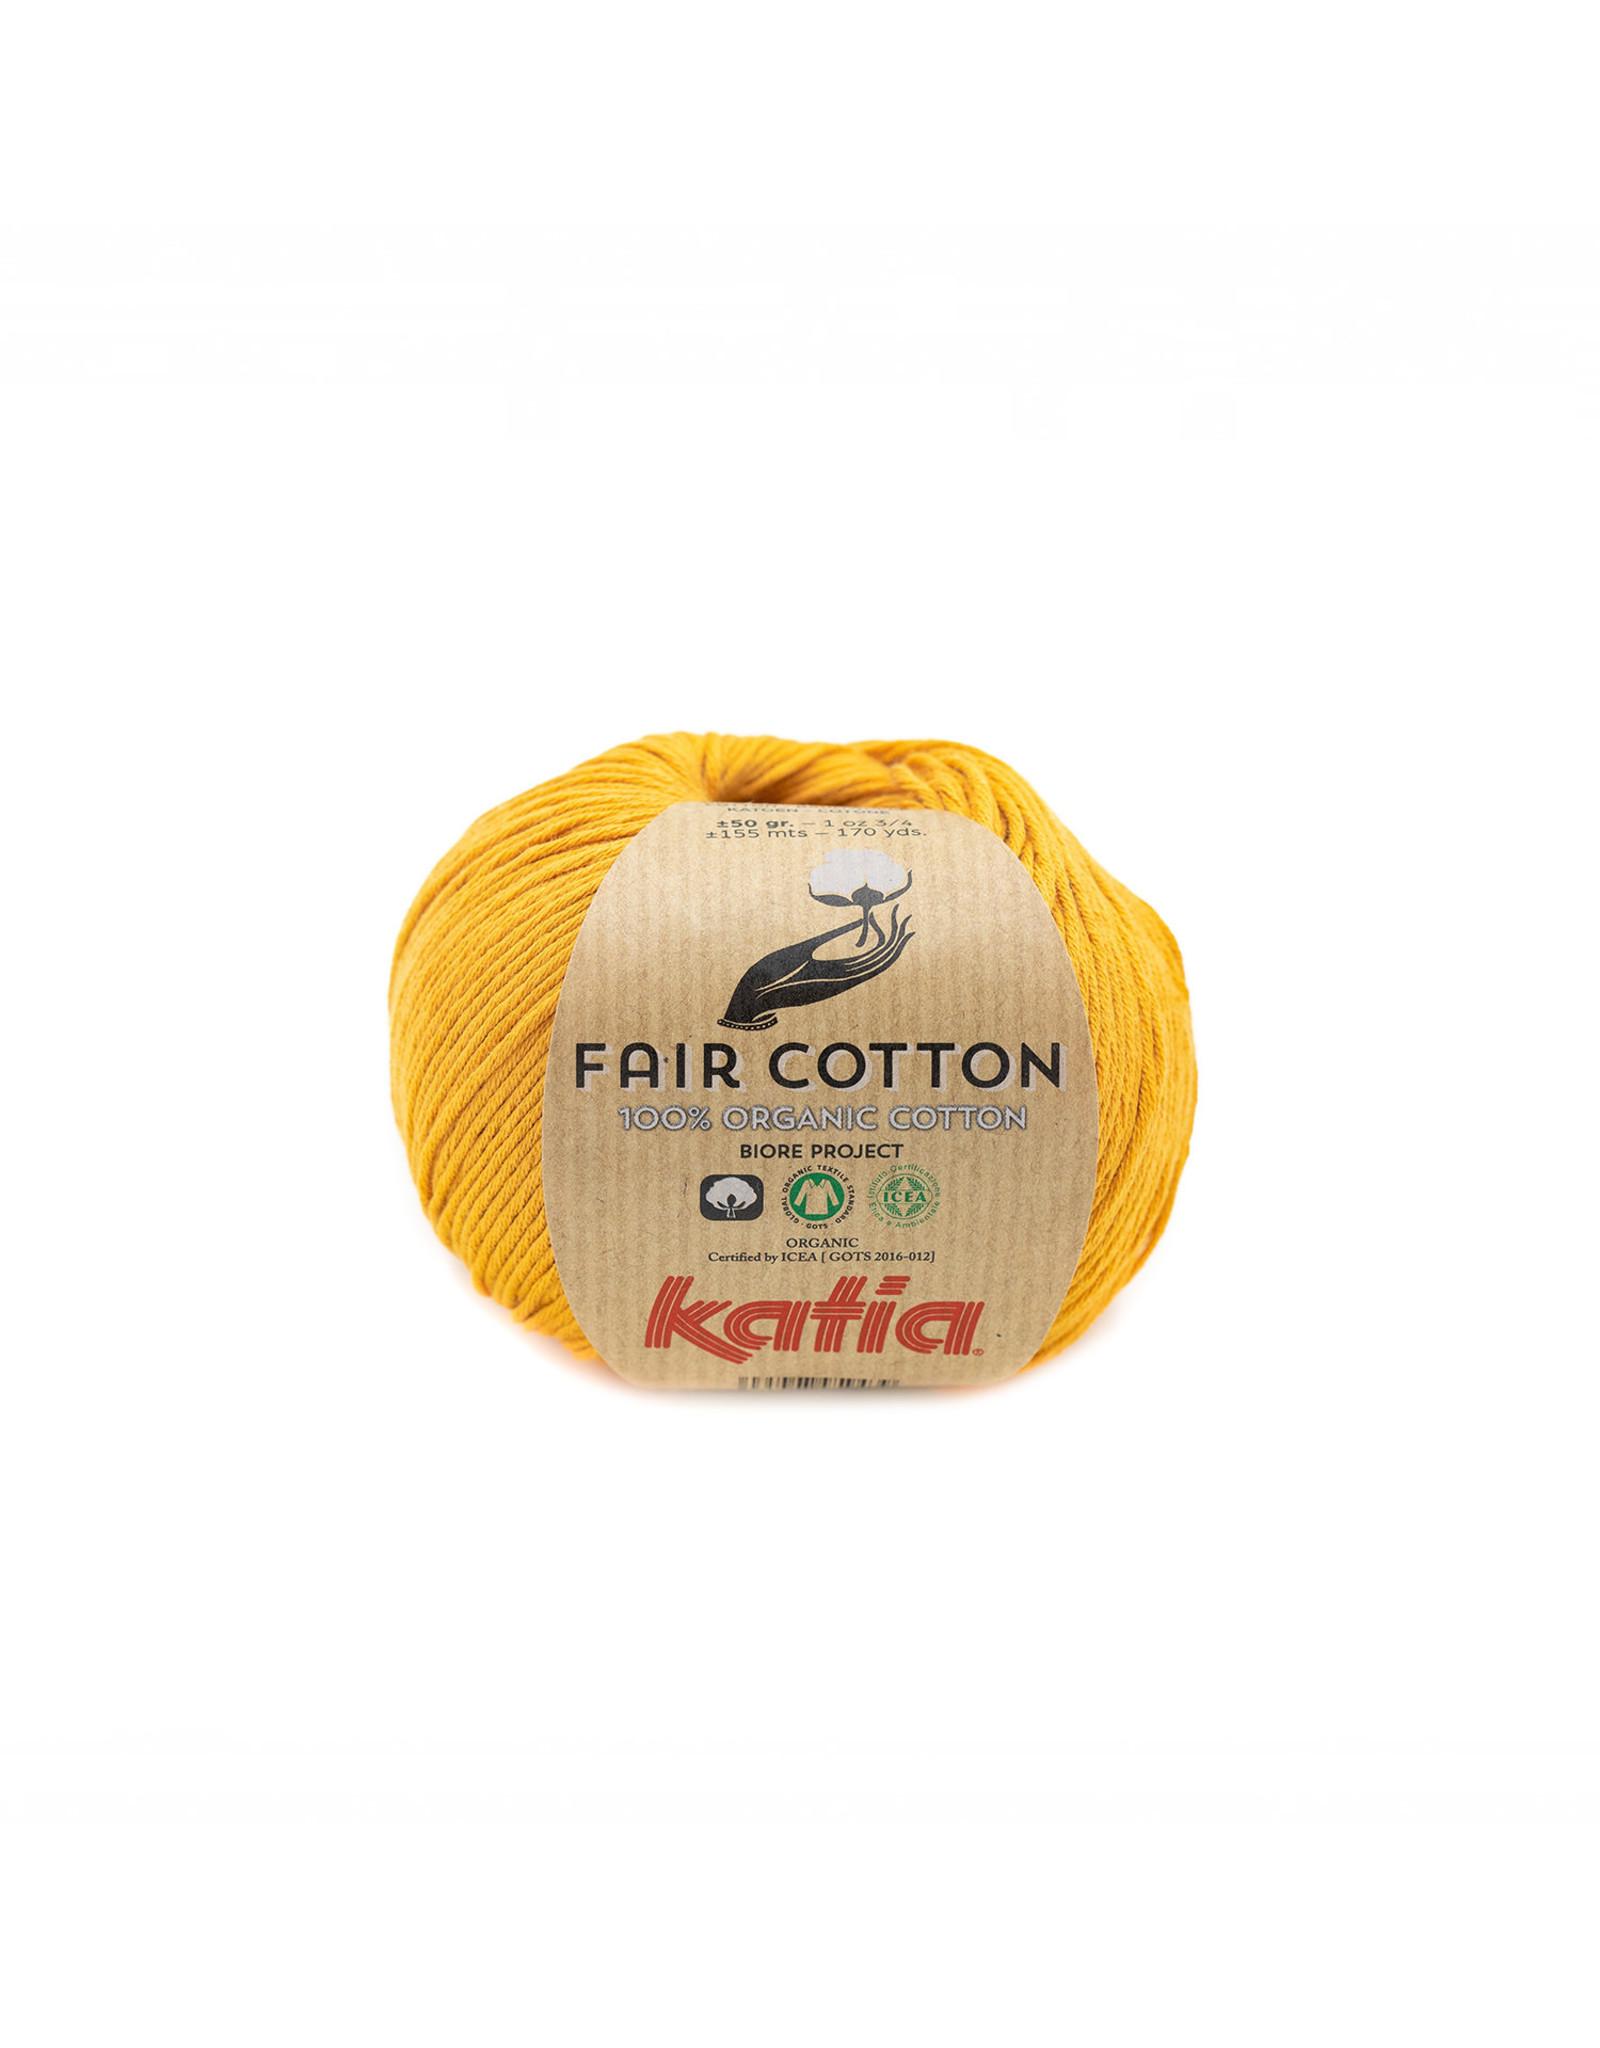 Katia Katia Fair Cotton Kleur 37 - mosterdgeel - 100% biol. GOTS katoengaren - bundel 5 x 50 gr./155 m.